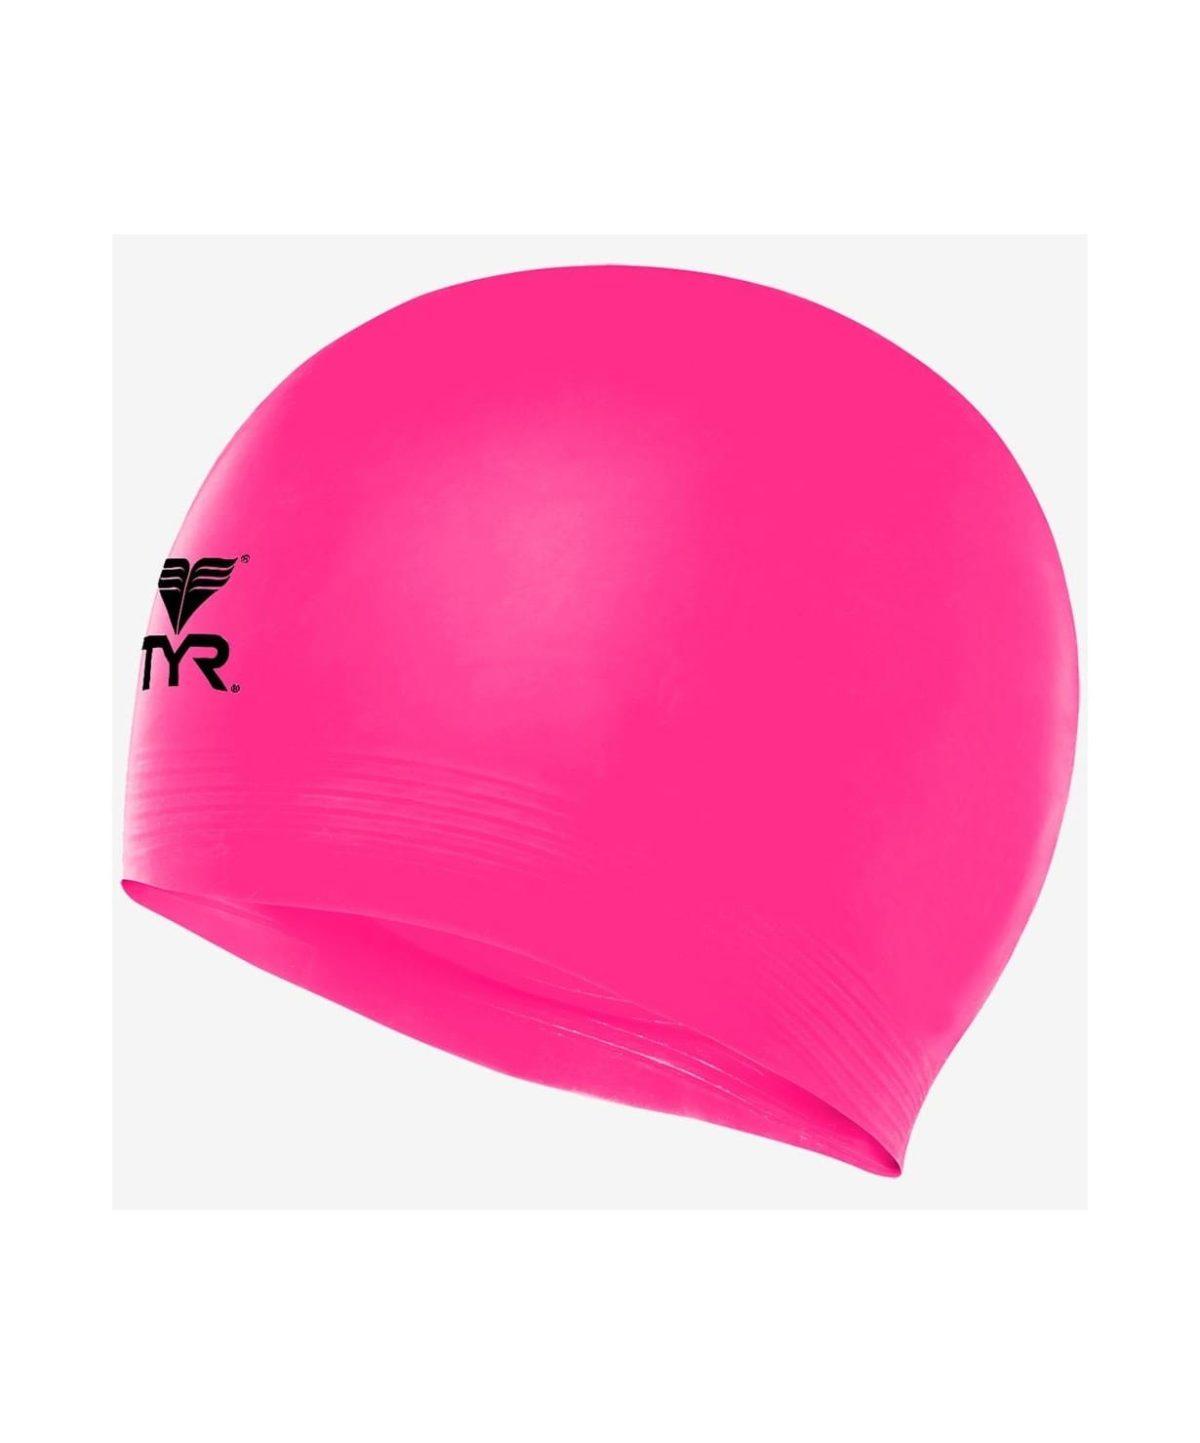 TYR Latex Swim Cap Шапочка для плавания латекс  LCL: розовый - 1